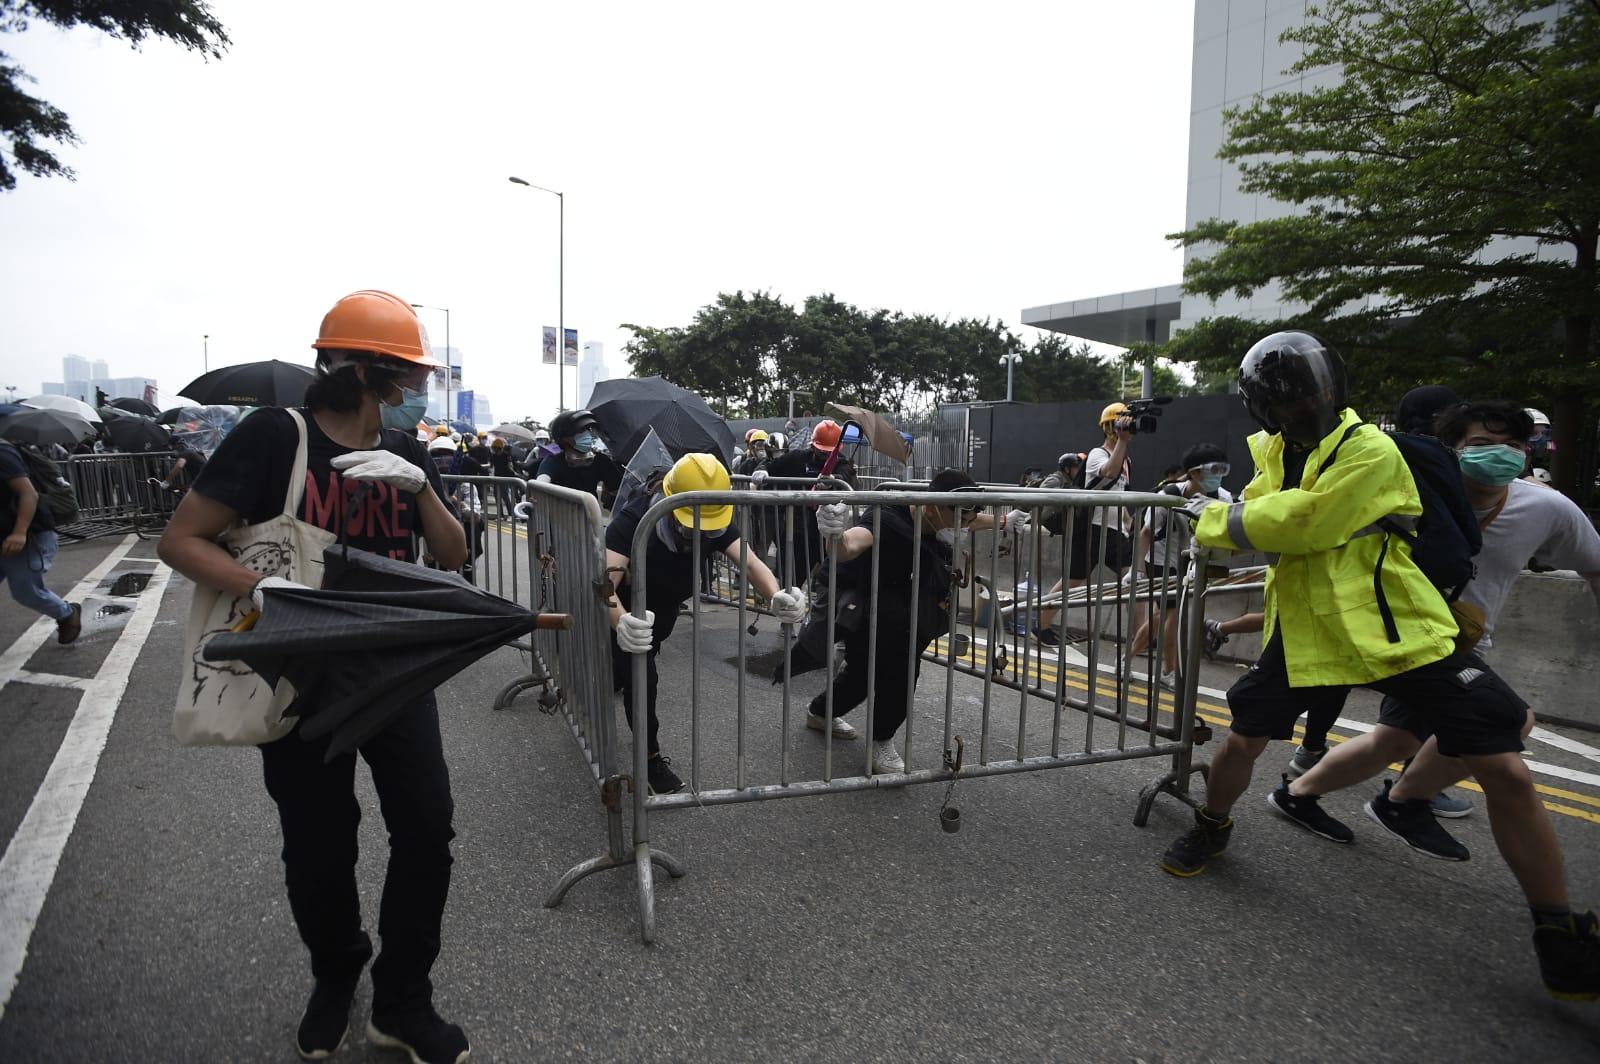 【逃犯條例】警告示威者停止衝擊 警:否則以適當武力制止